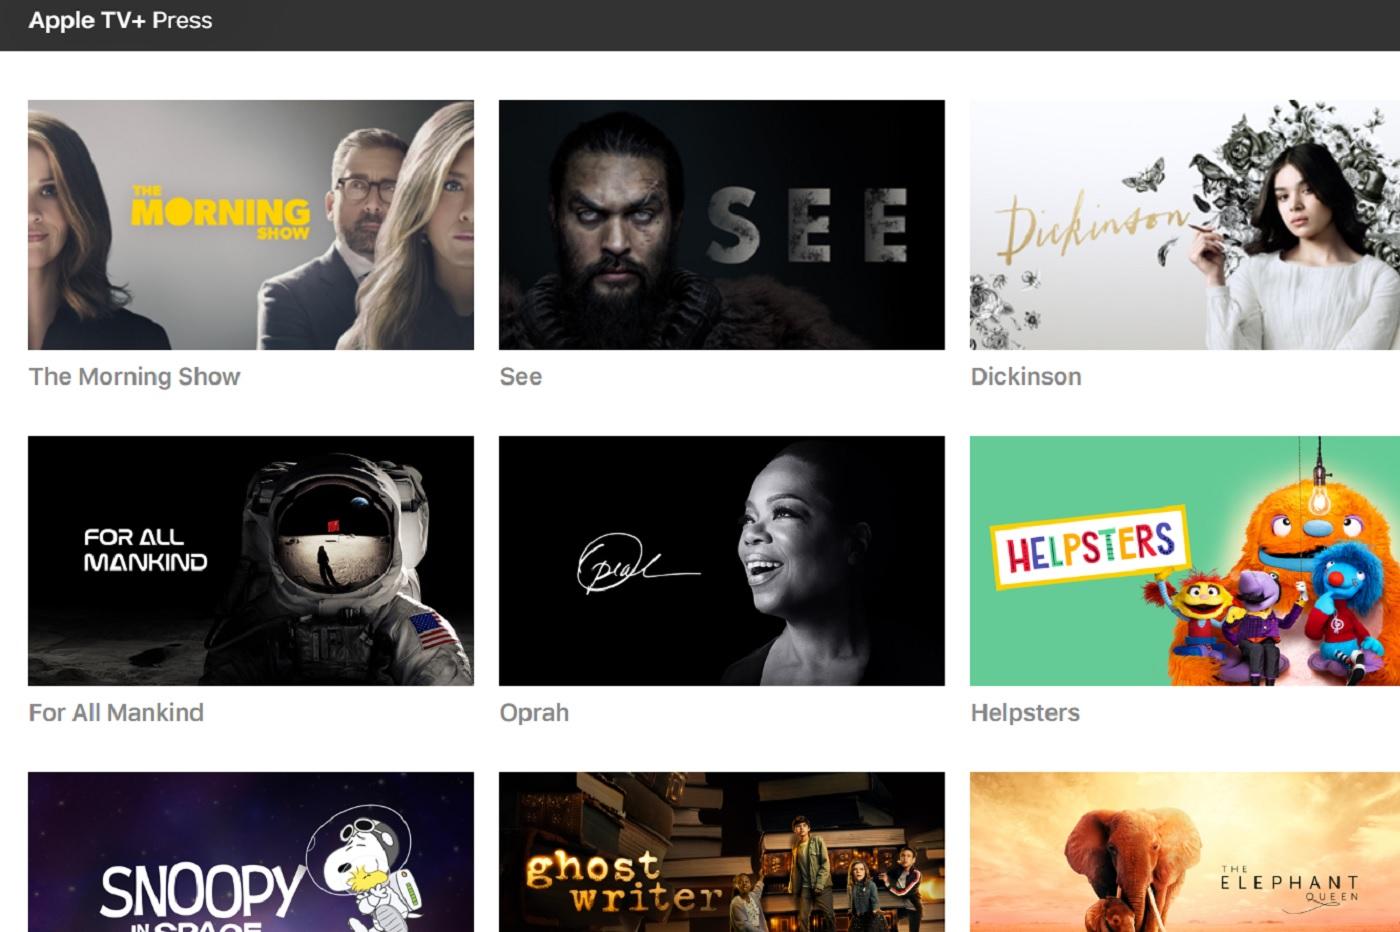 Le site presse d'Apple TV+